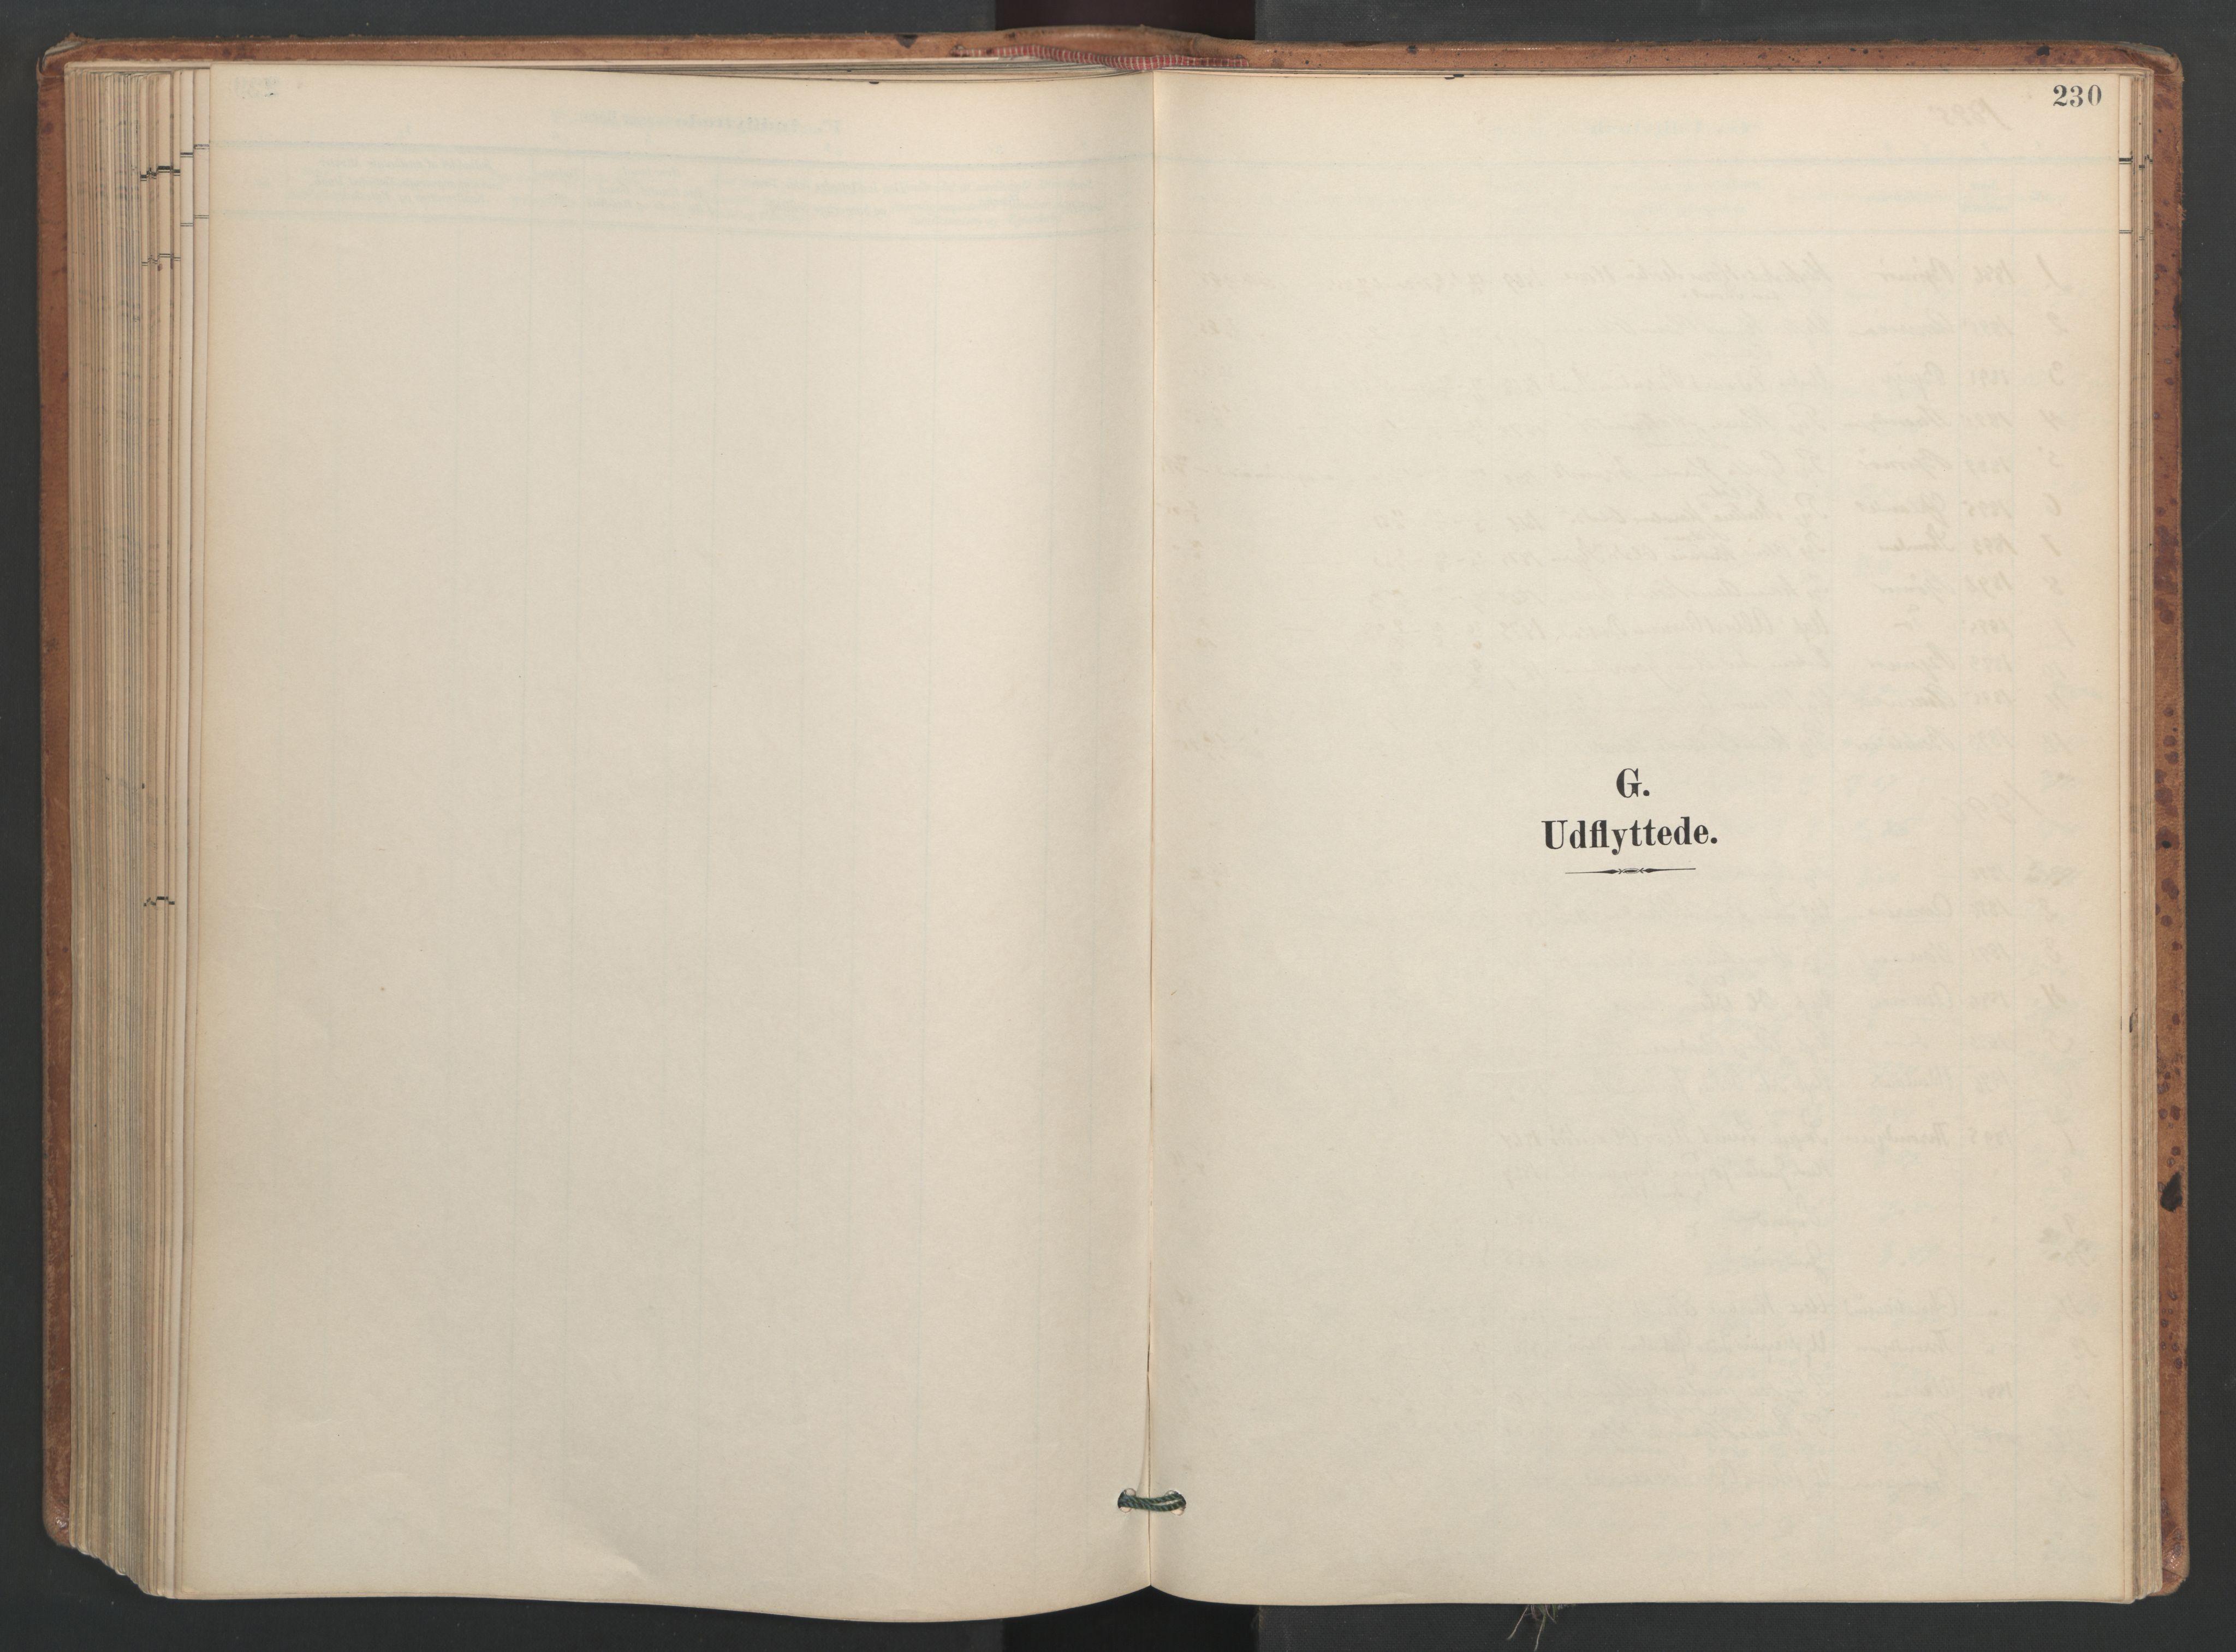 SAT, Ministerialprotokoller, klokkerbøker og fødselsregistre - Sør-Trøndelag, 655/L0681: Ministerialbok nr. 655A10, 1895-1907, s. 230